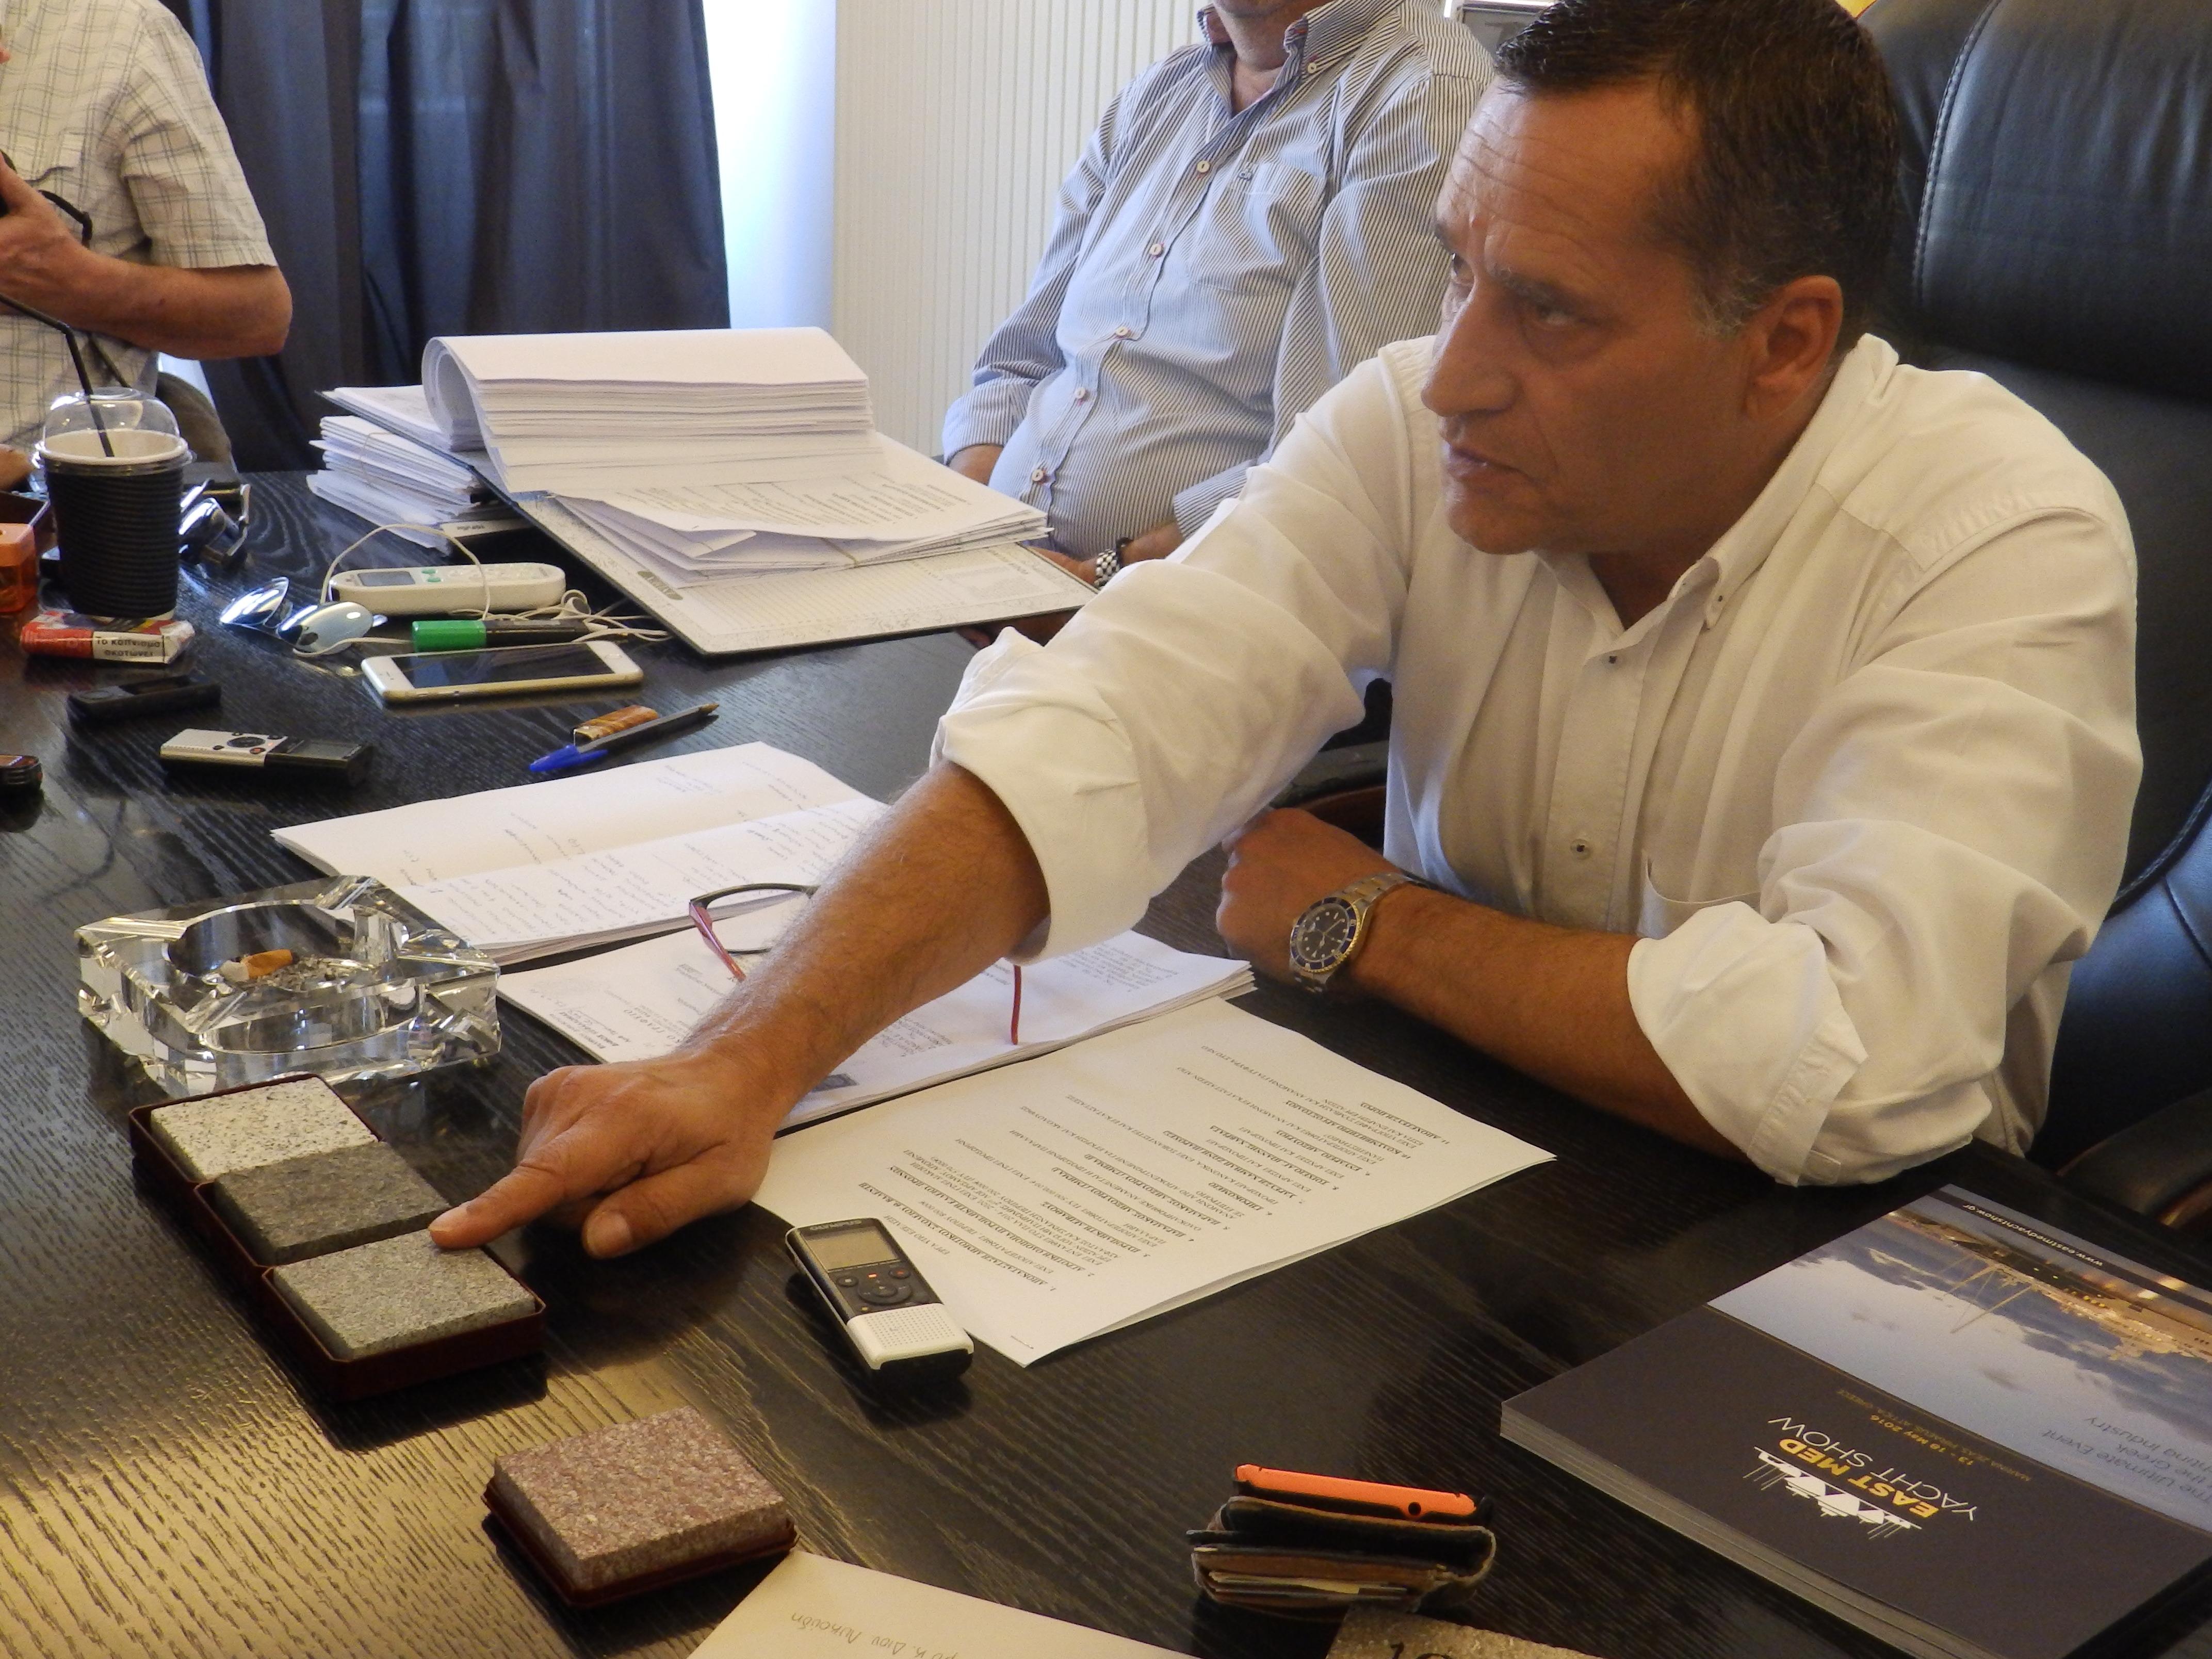 Ο αναπληρωτής δημάρχου κ. Διον. Λυκούδης ενώ δείχνει τα νέα υλικά που θα χρησιμοποιηθούν στα δάπεδα της Κεντρικής Πλατείας.